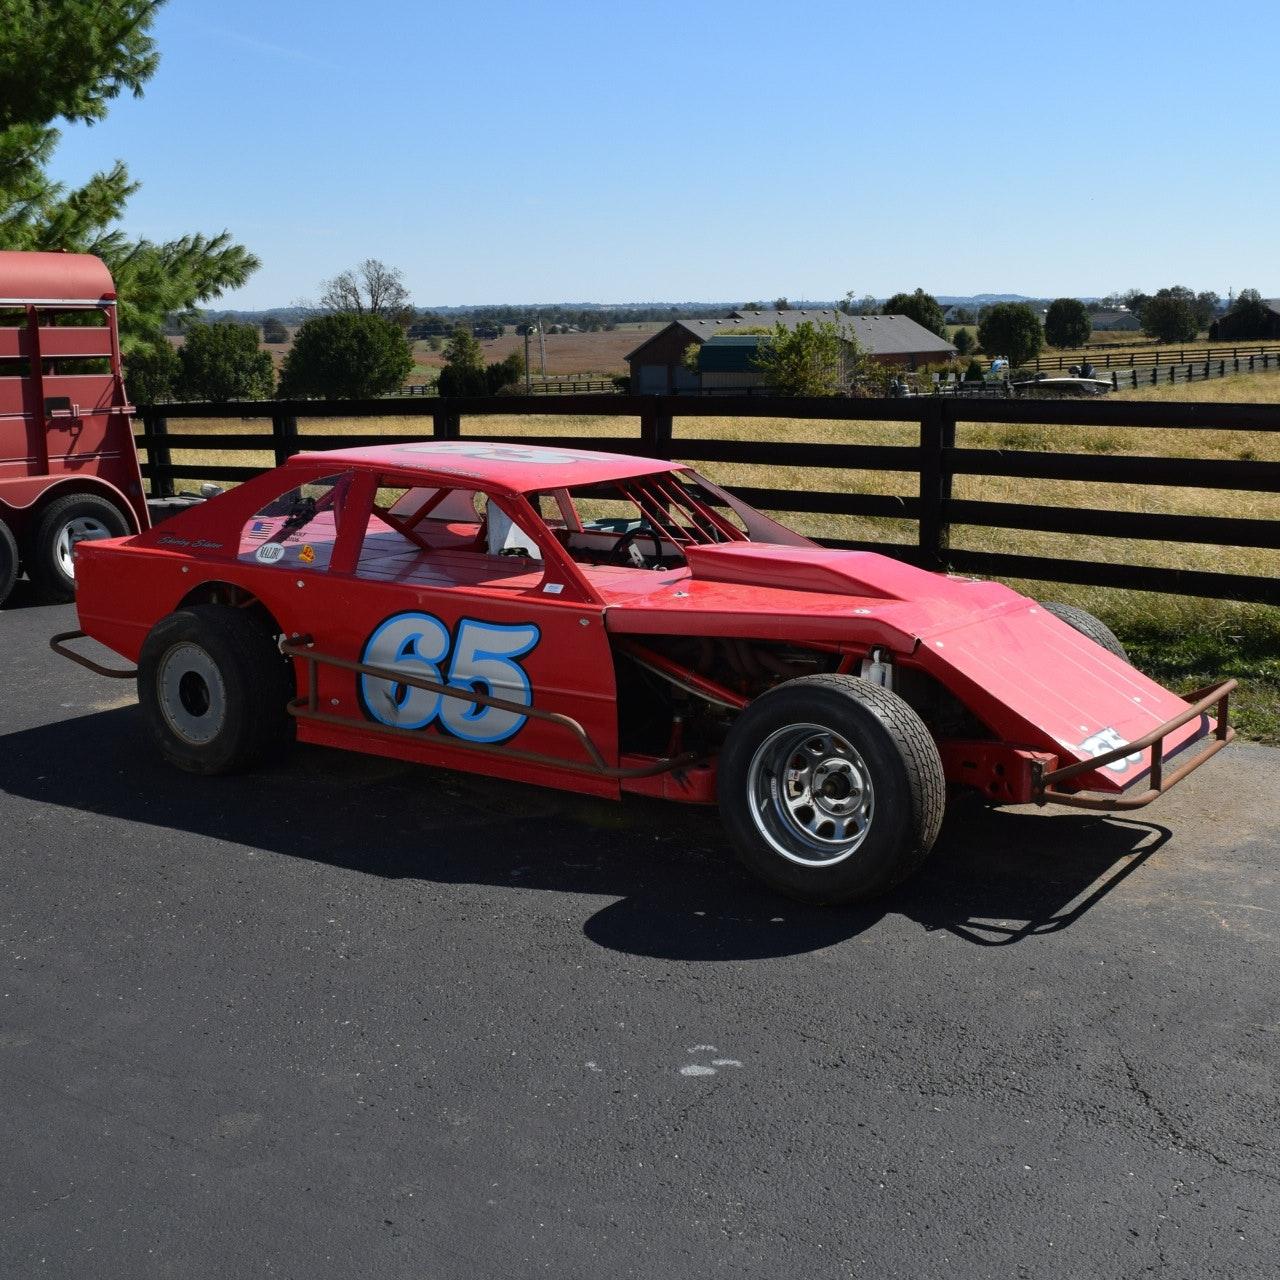 IMCA Racing Modified Race Car